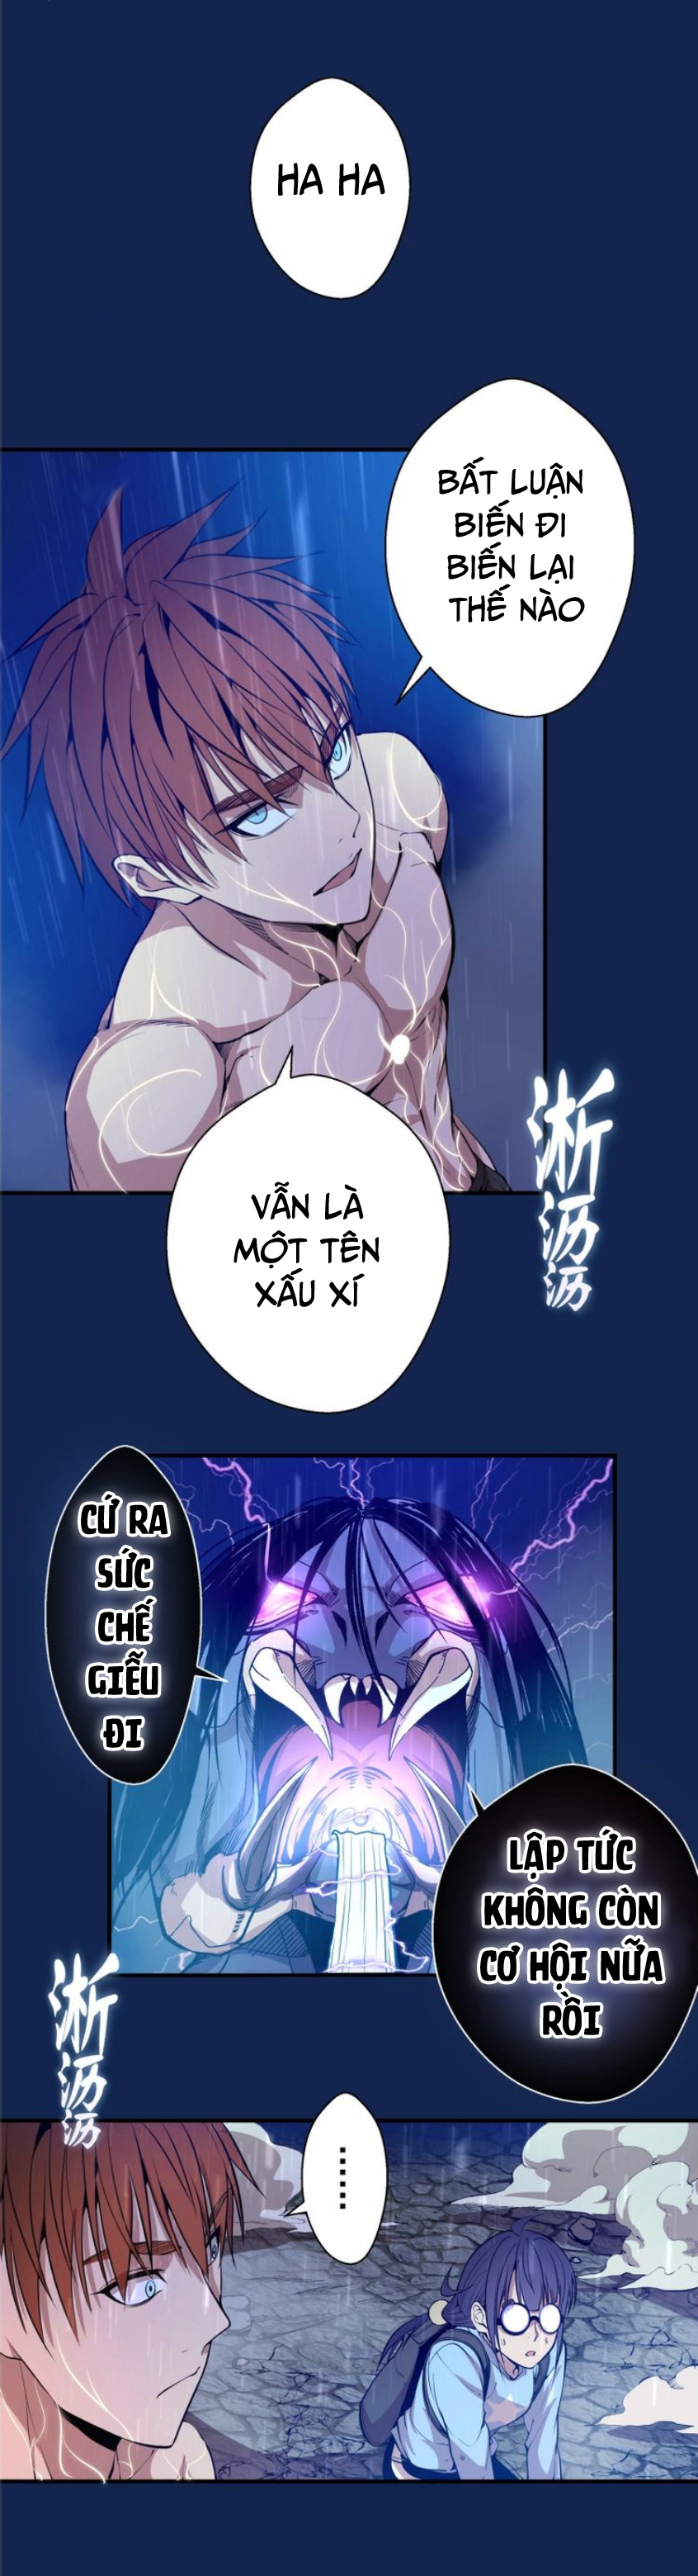 Cao Đẳng Linh Hồn - Chap 23